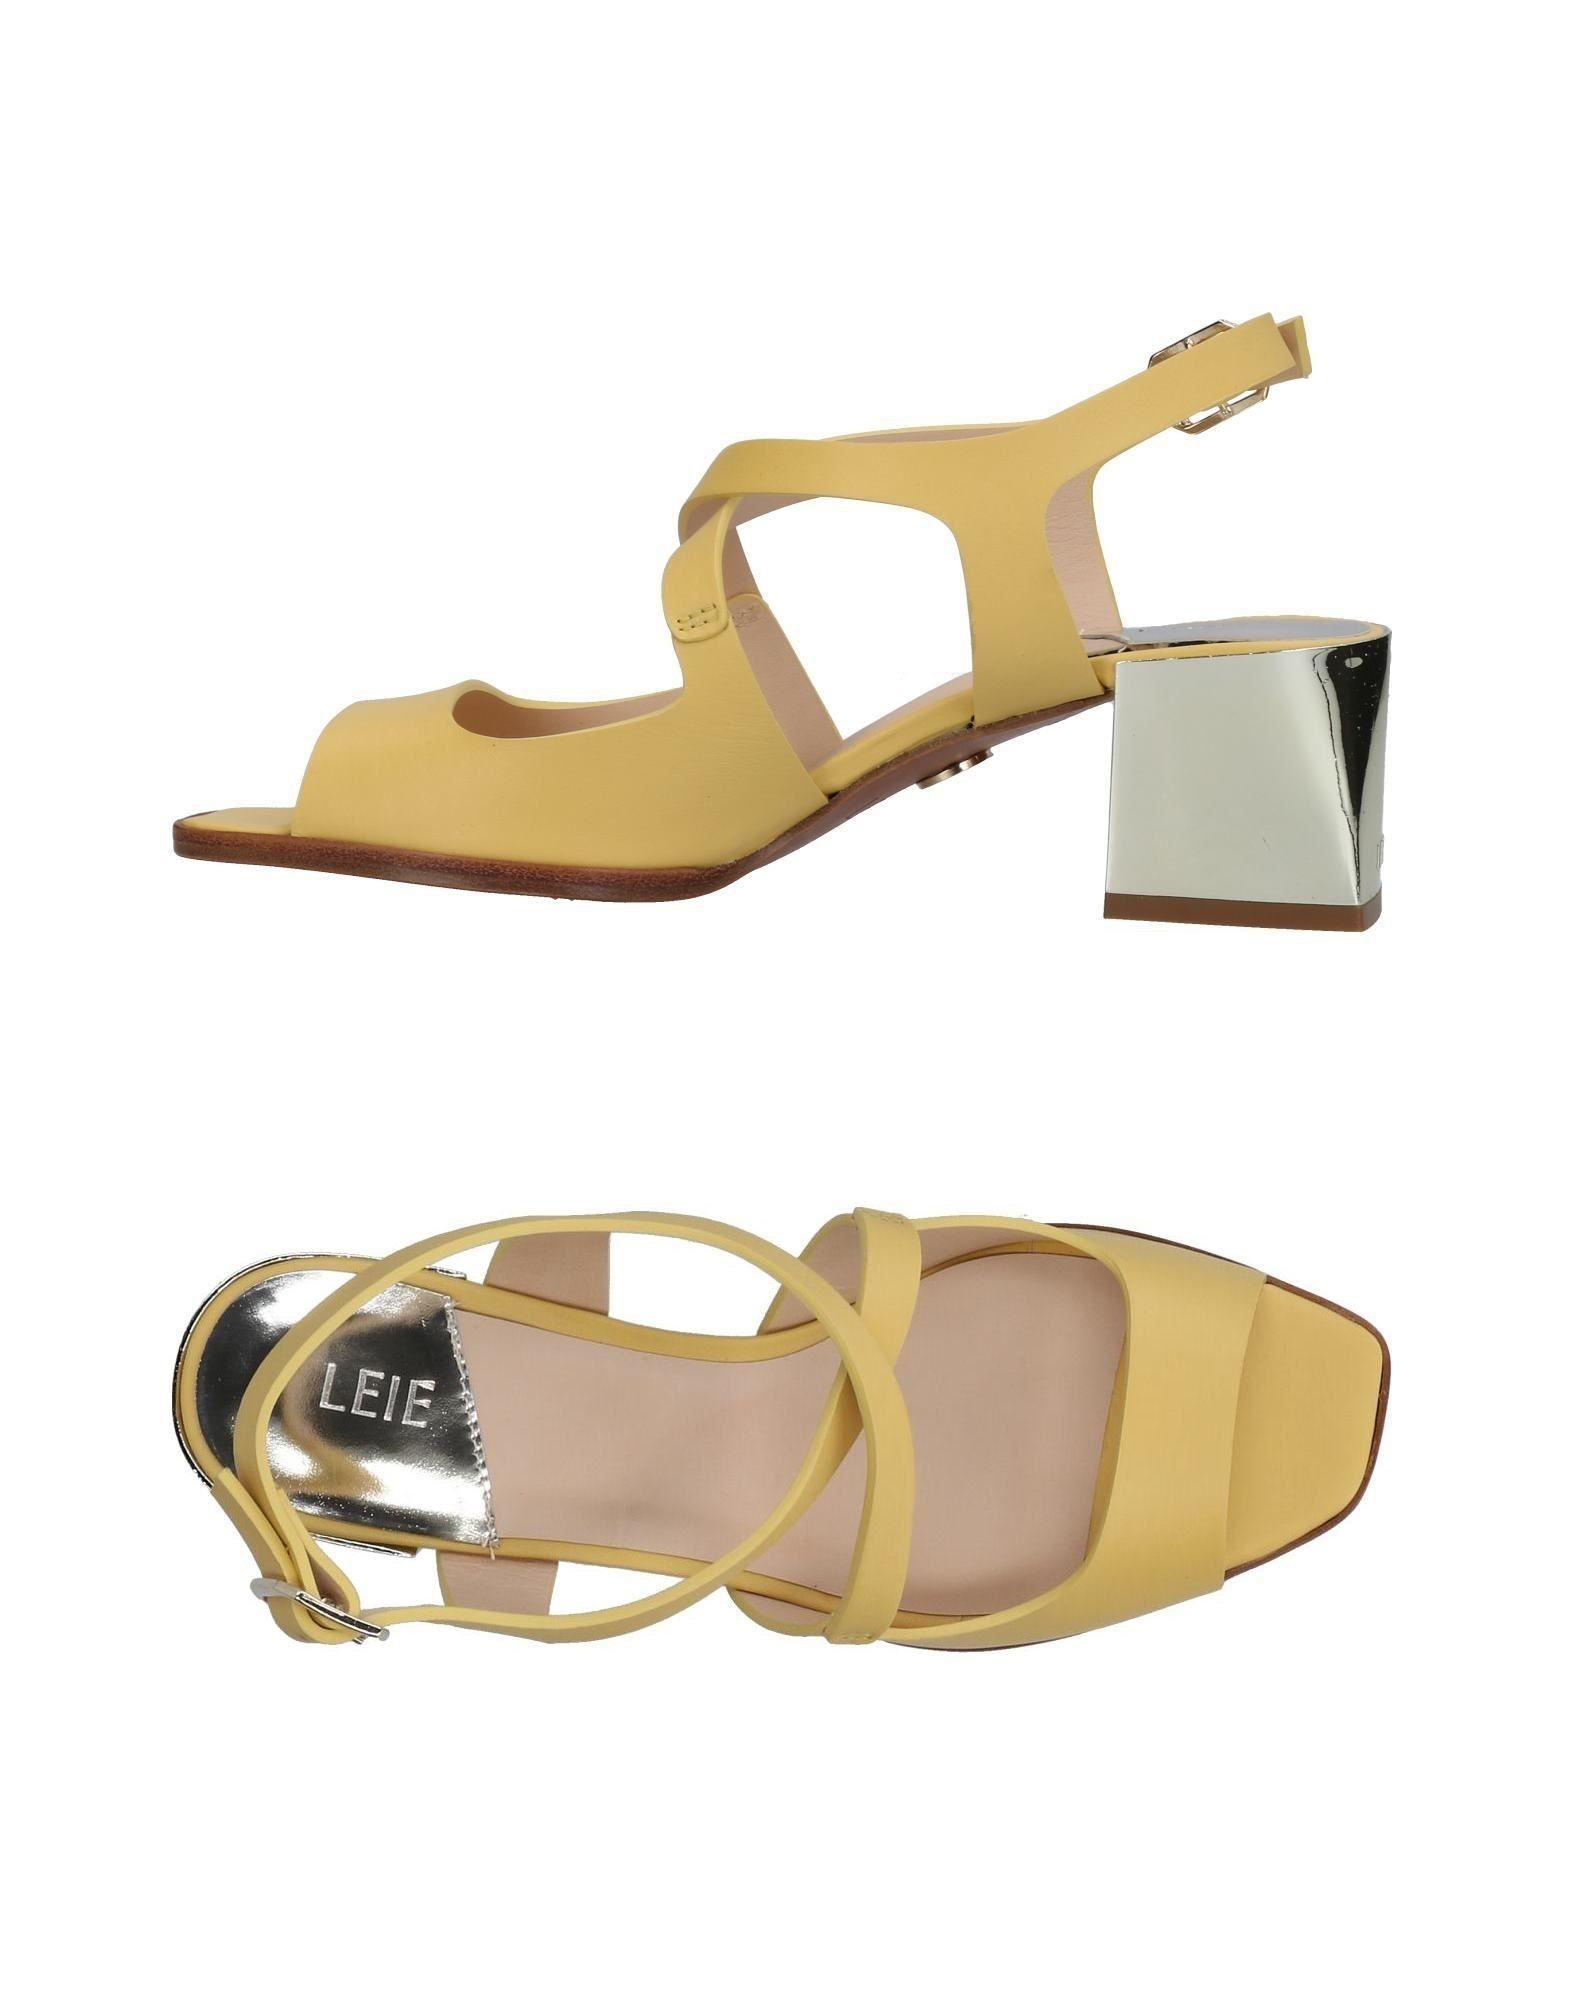 Leie Sandalen Damen  11458392KN Gute Qualität beliebte Schuhe